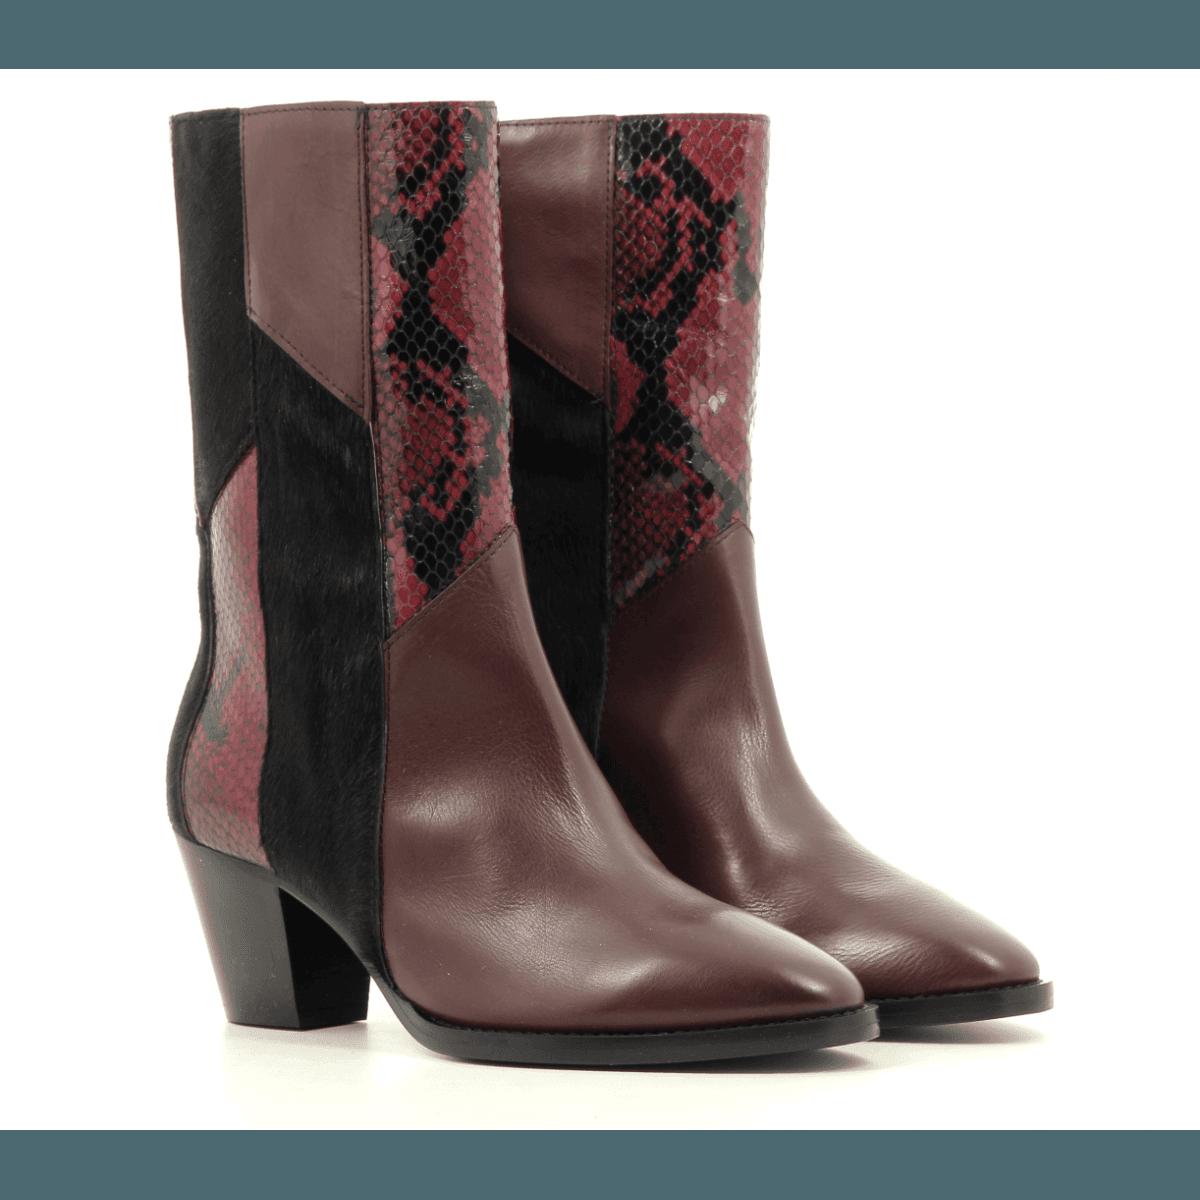 Bottines en cuir noir Sélection Garrice collection - AI09052B